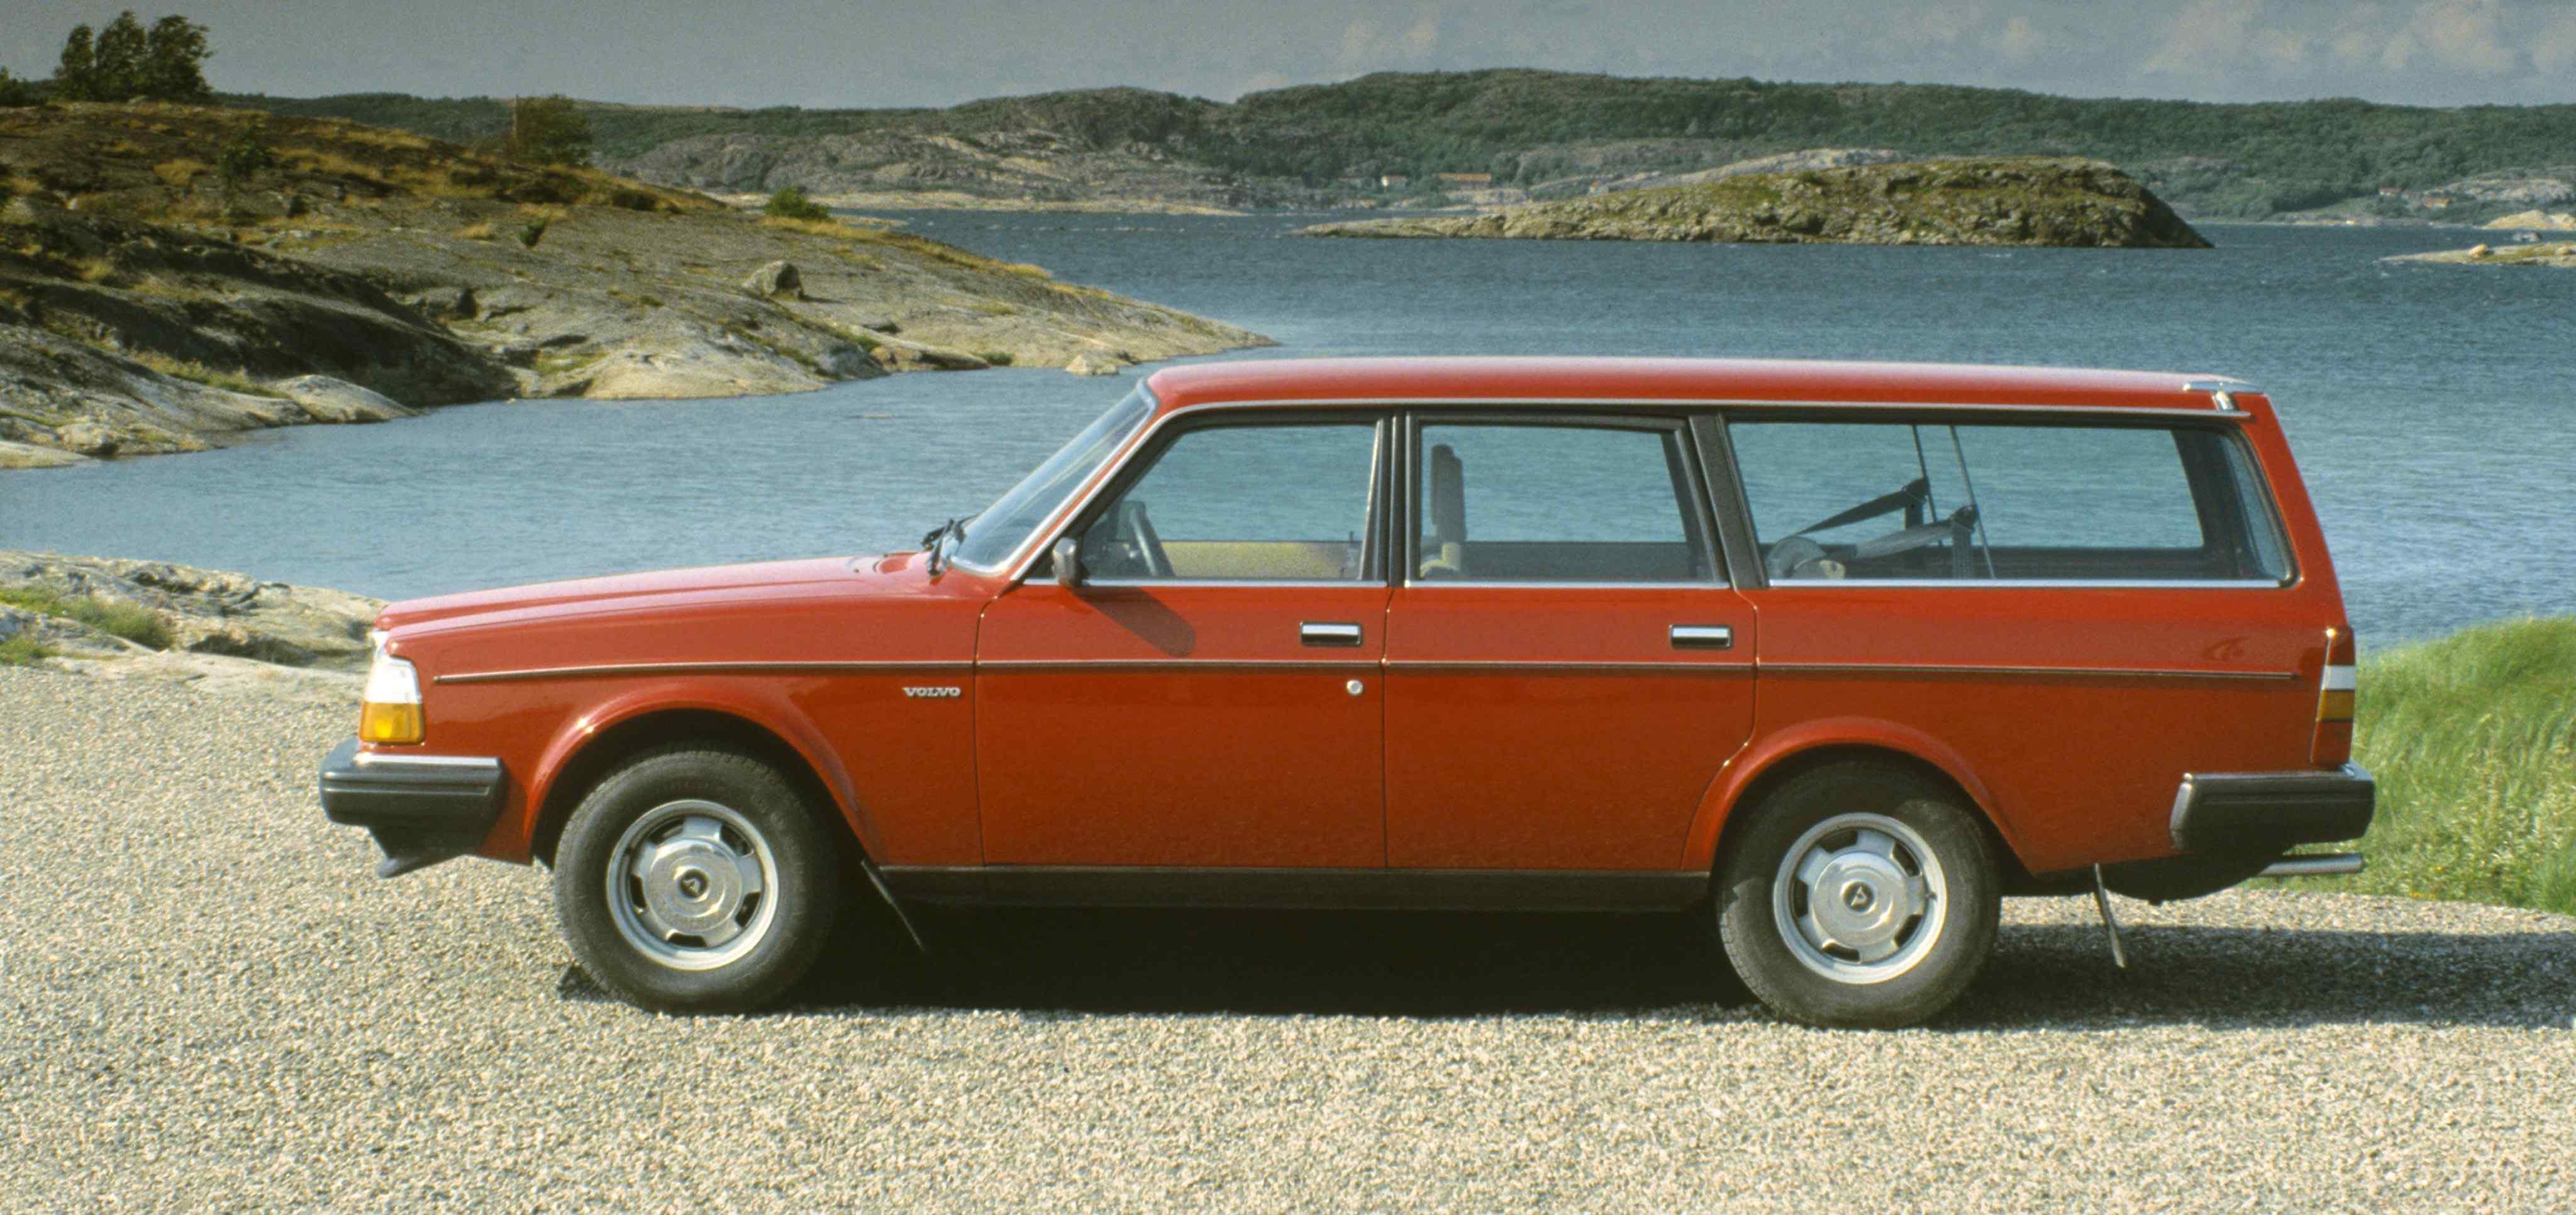 Un Volvo 240 de color rojo aparcado junto al mar